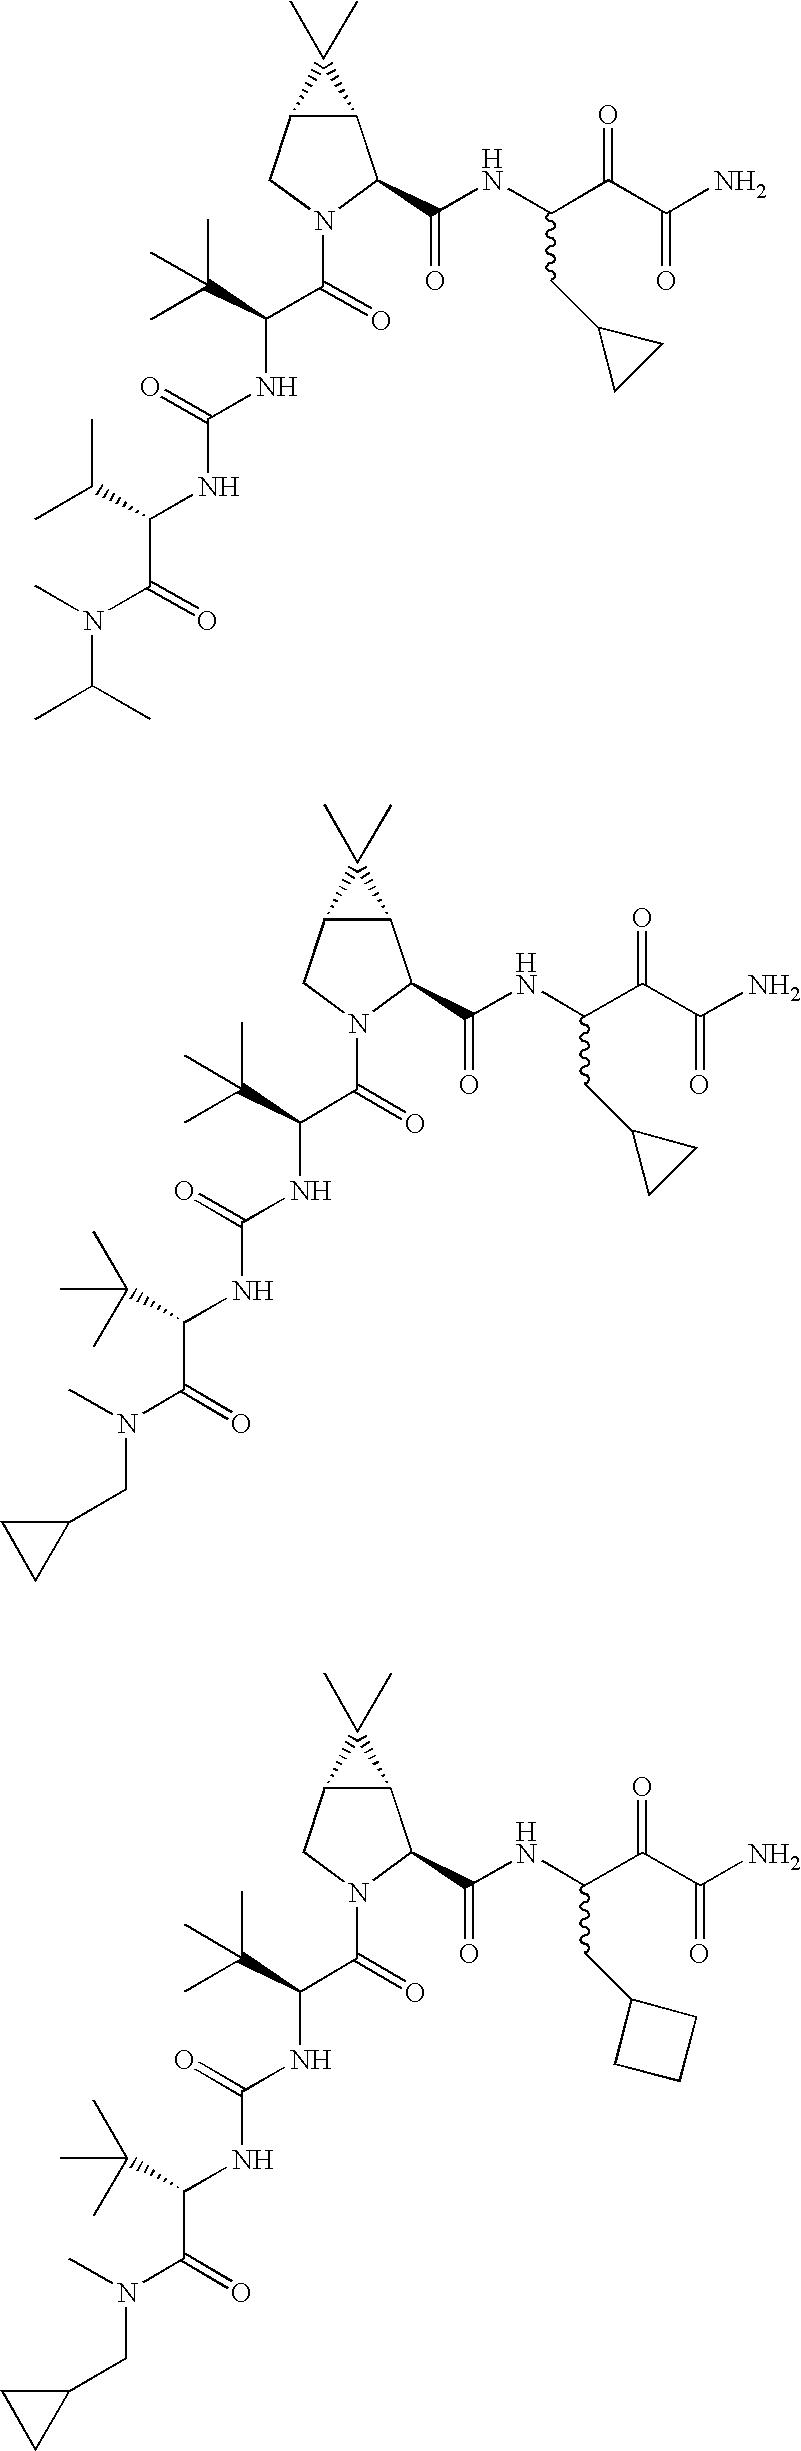 Figure US20060287248A1-20061221-C00305